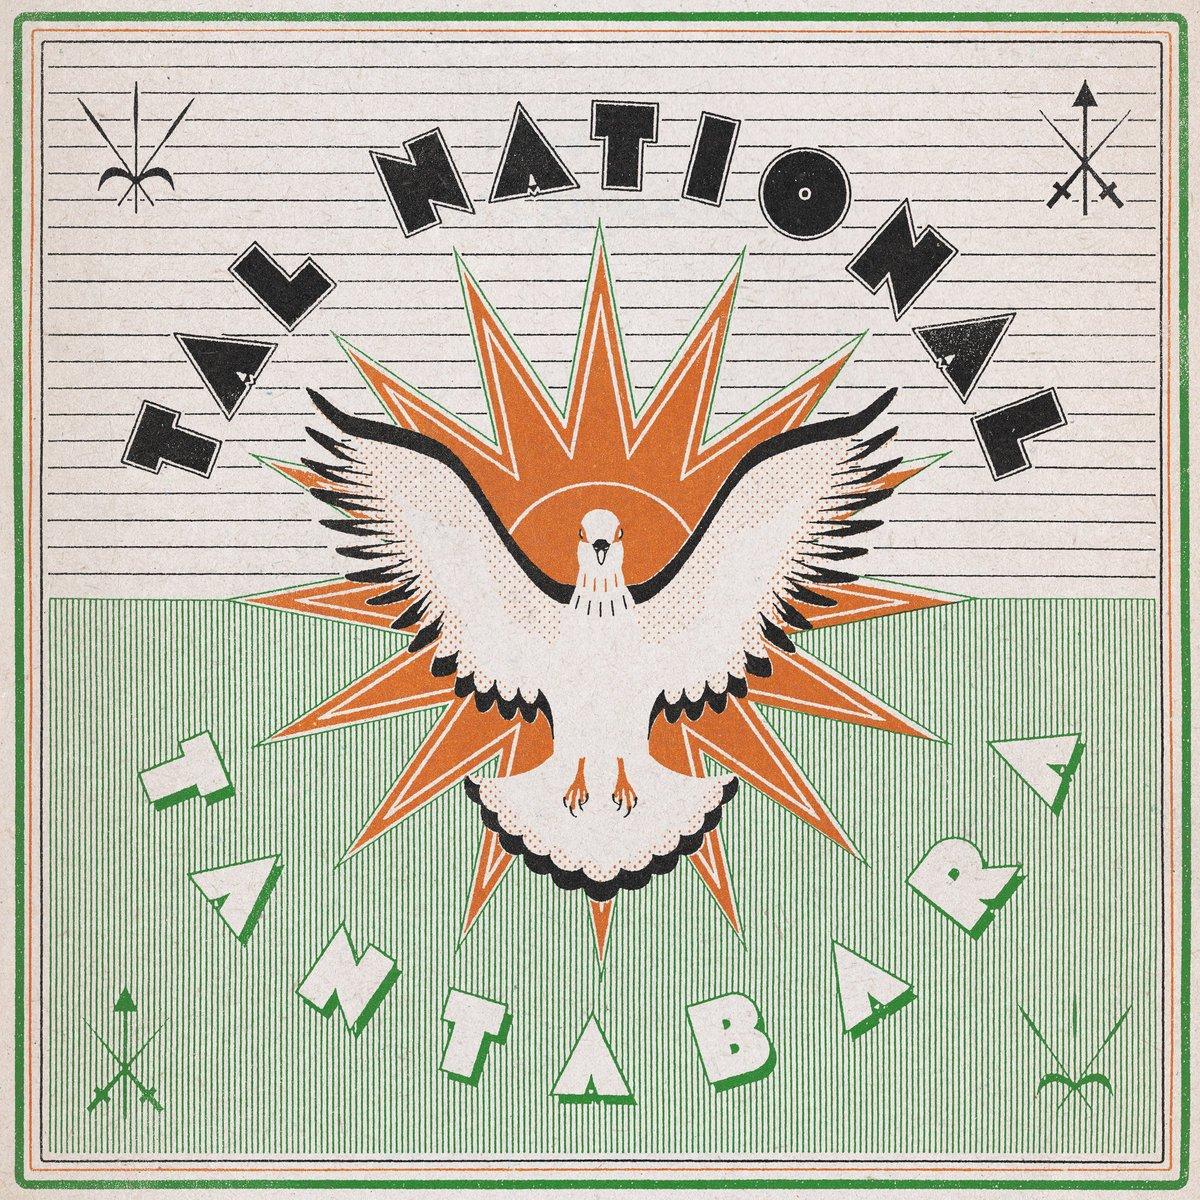 Tal National Tantabara